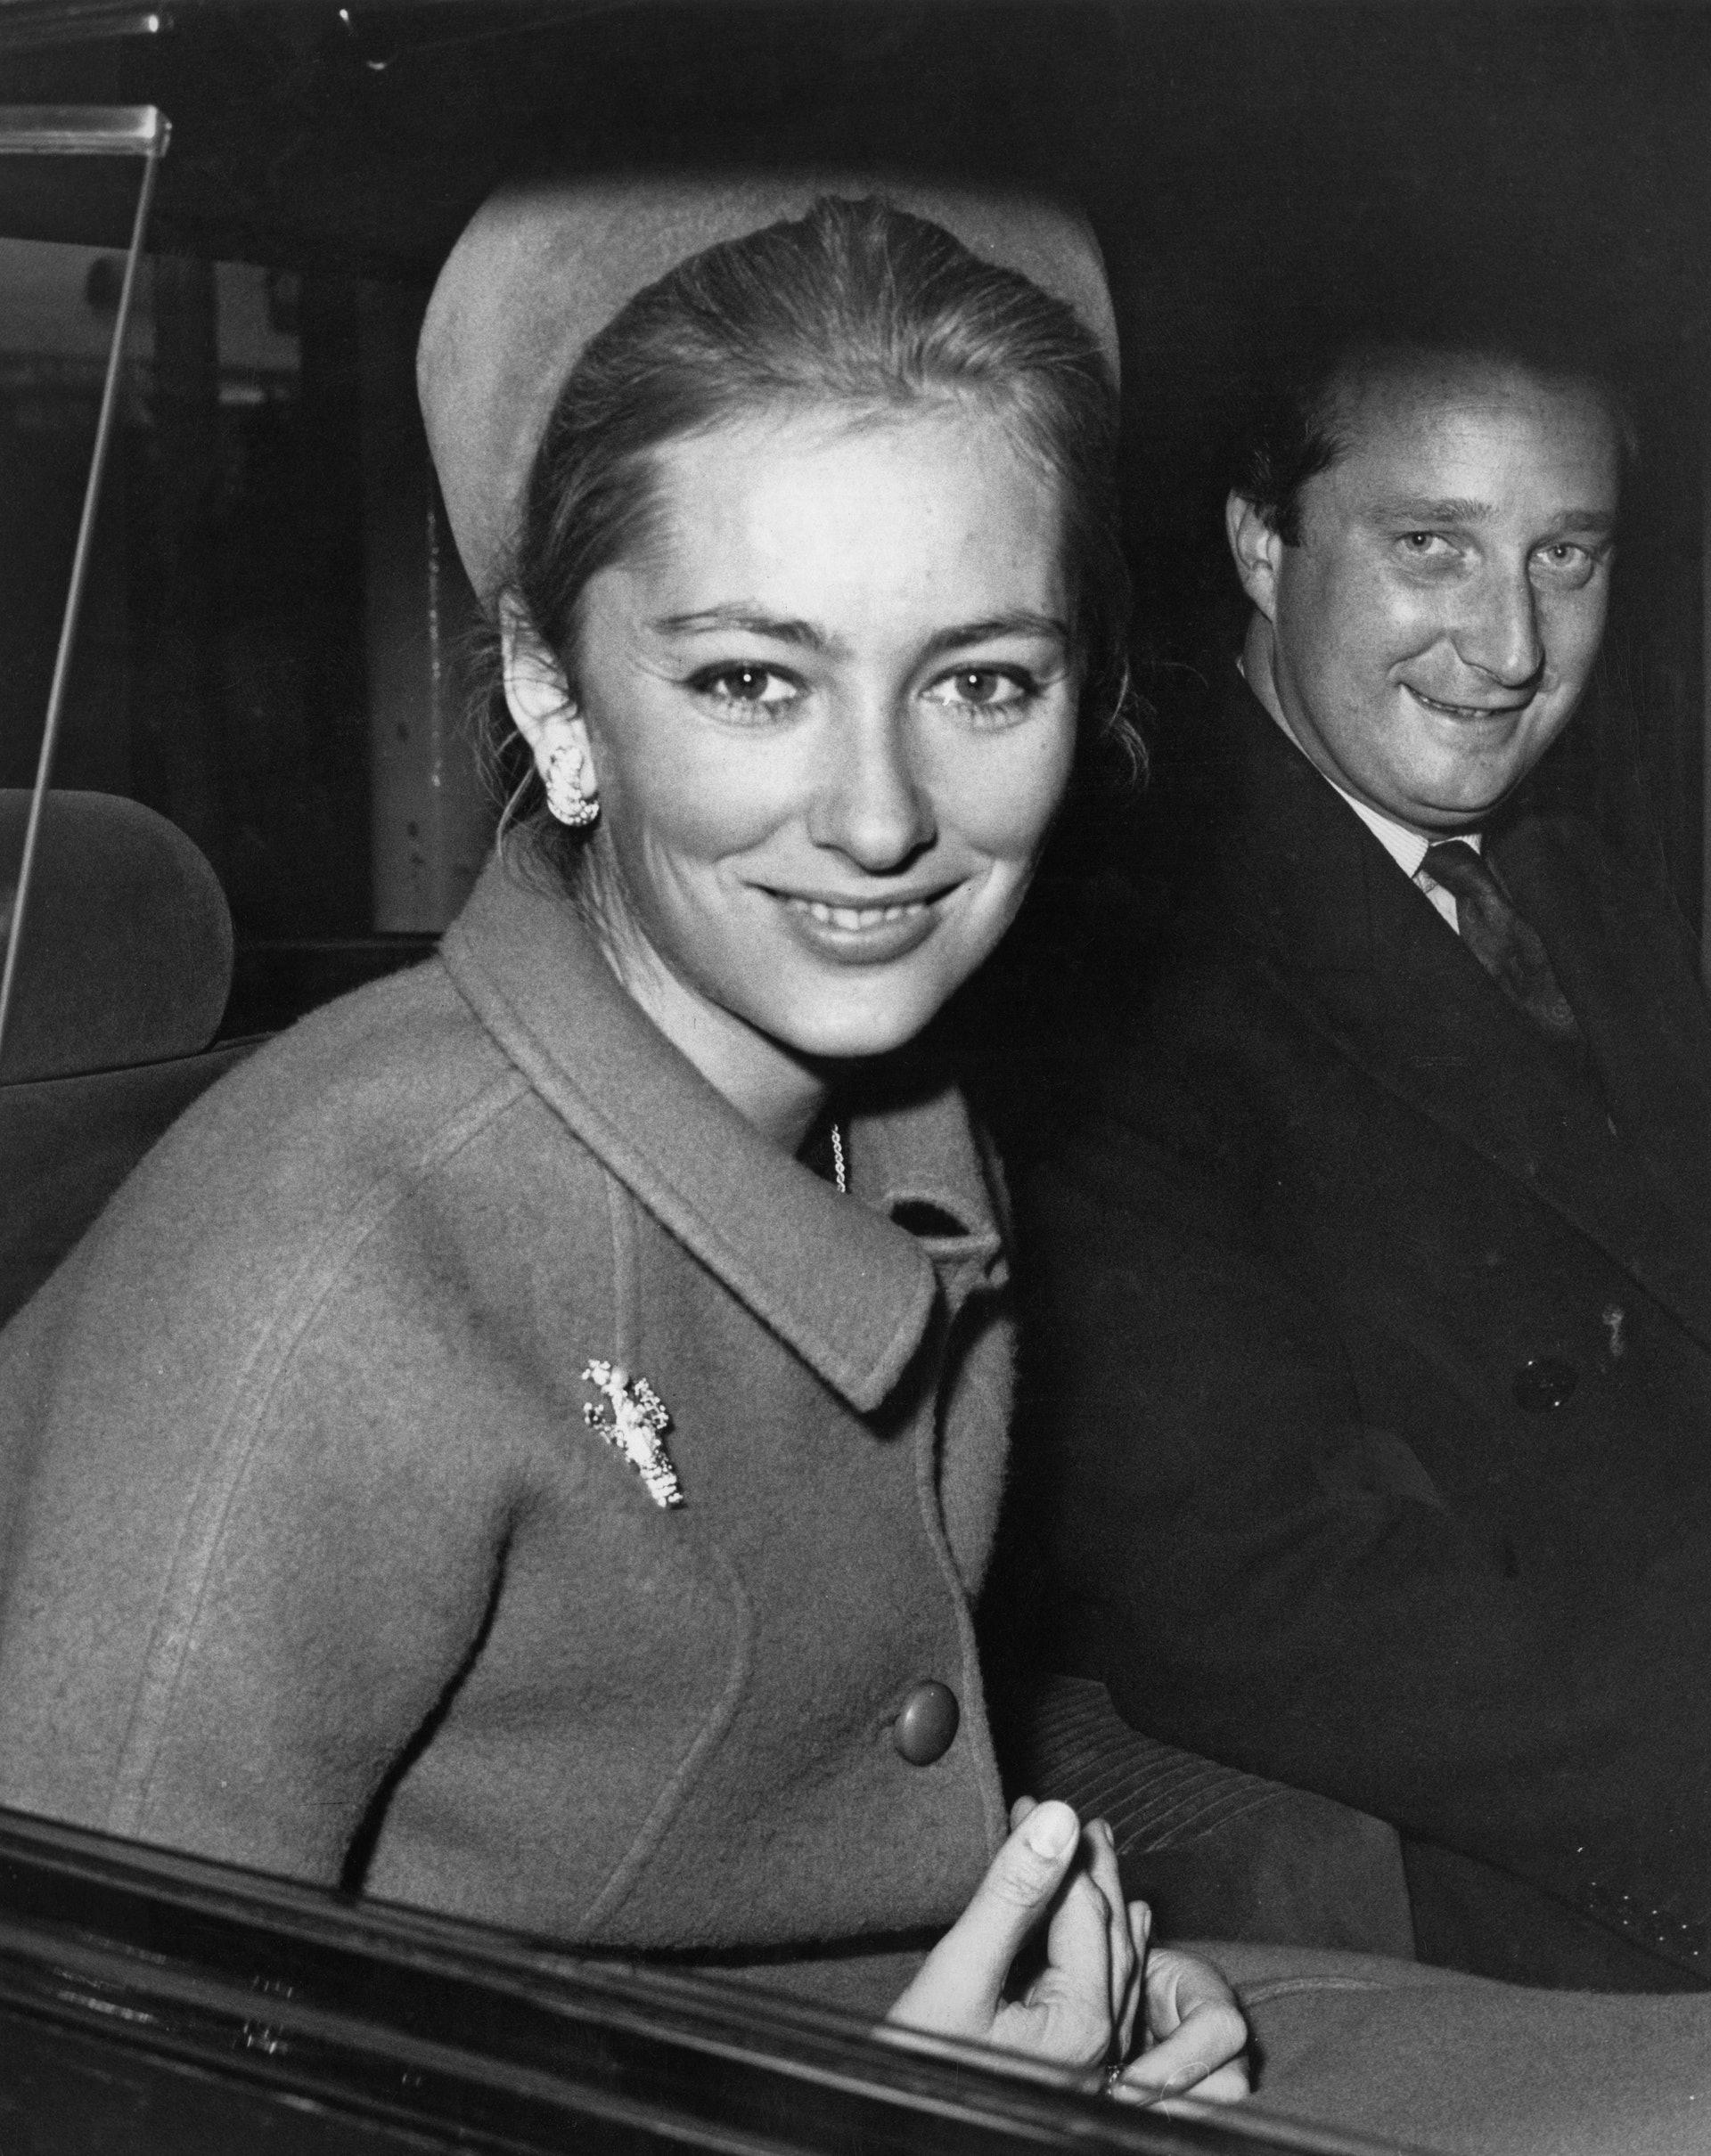 贵族出身的保拉王后,被誉为比利时,甚至是全欧洲最美的女人,受欢迎情度好比摩纳哥王妃Grace Kelly。(getty)